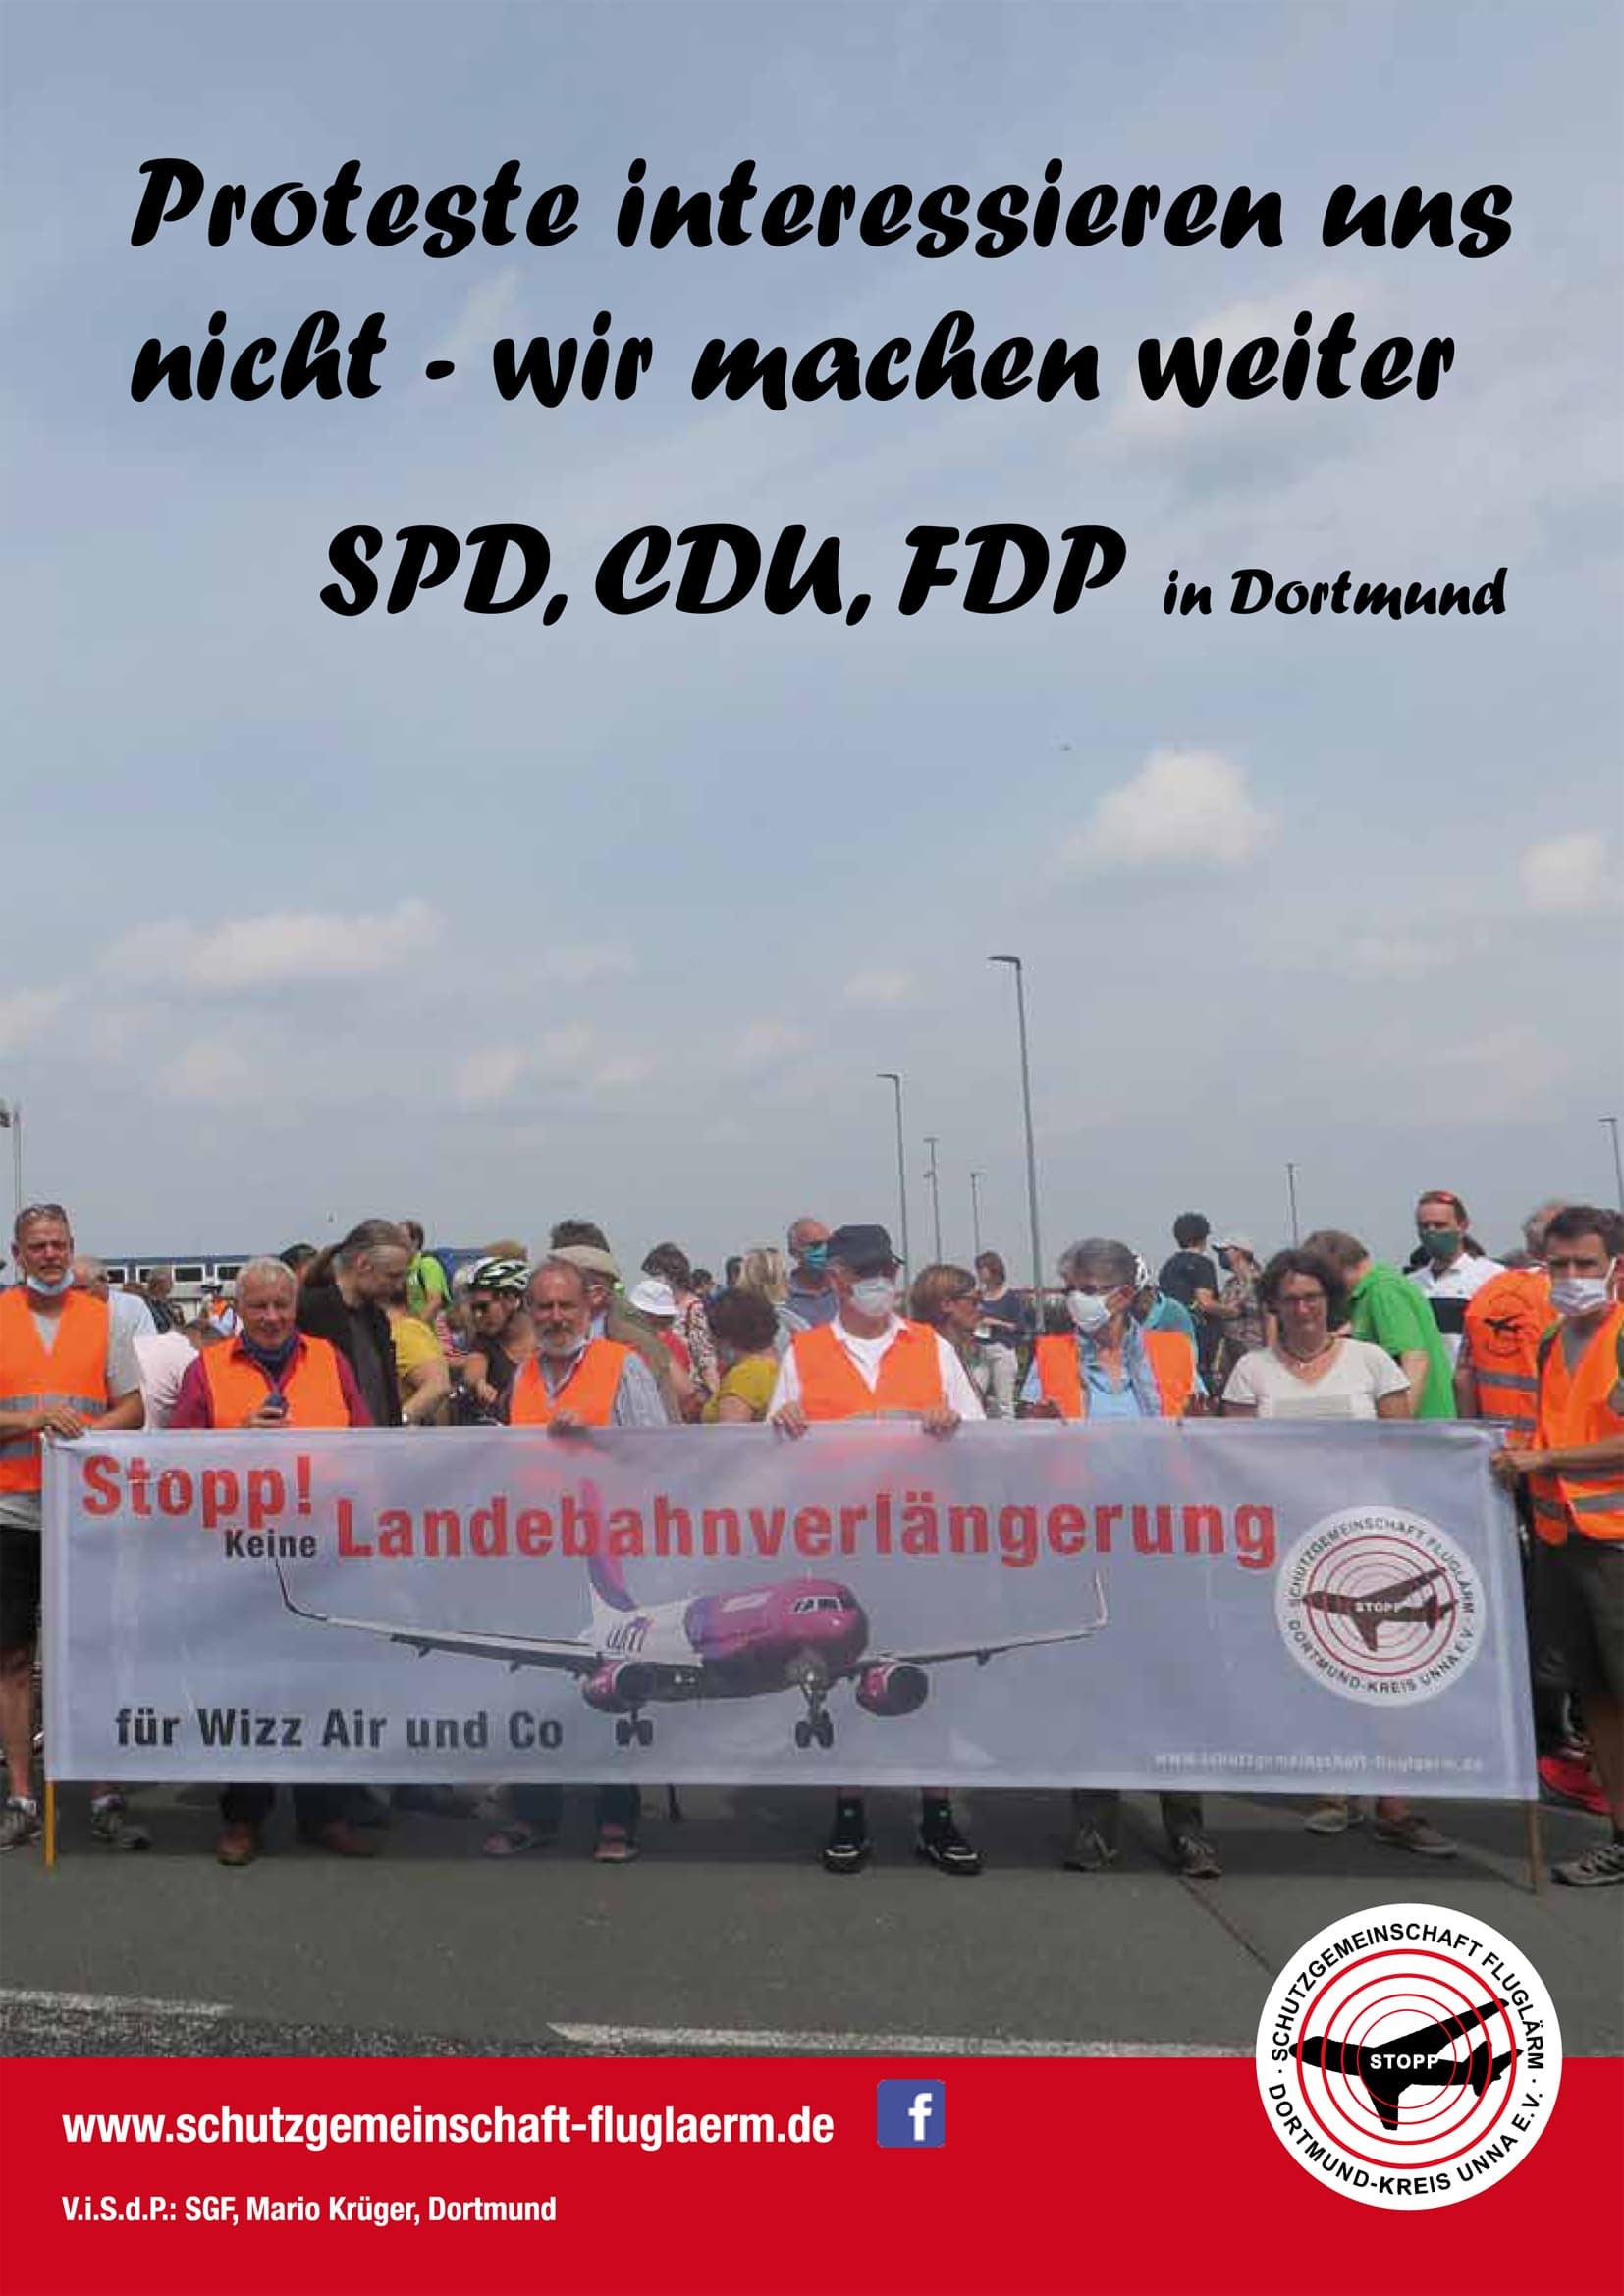 Für die Aufhängung der Plakate an den Laternen benötigt die SGF eine Sondernutzungsgenehmigung der Stadt Dortmund. Das Verwaltungsgericht Gelsenkirchen hat die ablehnende Haltung der Stadt Dortmund jetzt mit ihrem Urteil bestätigt. © SGF